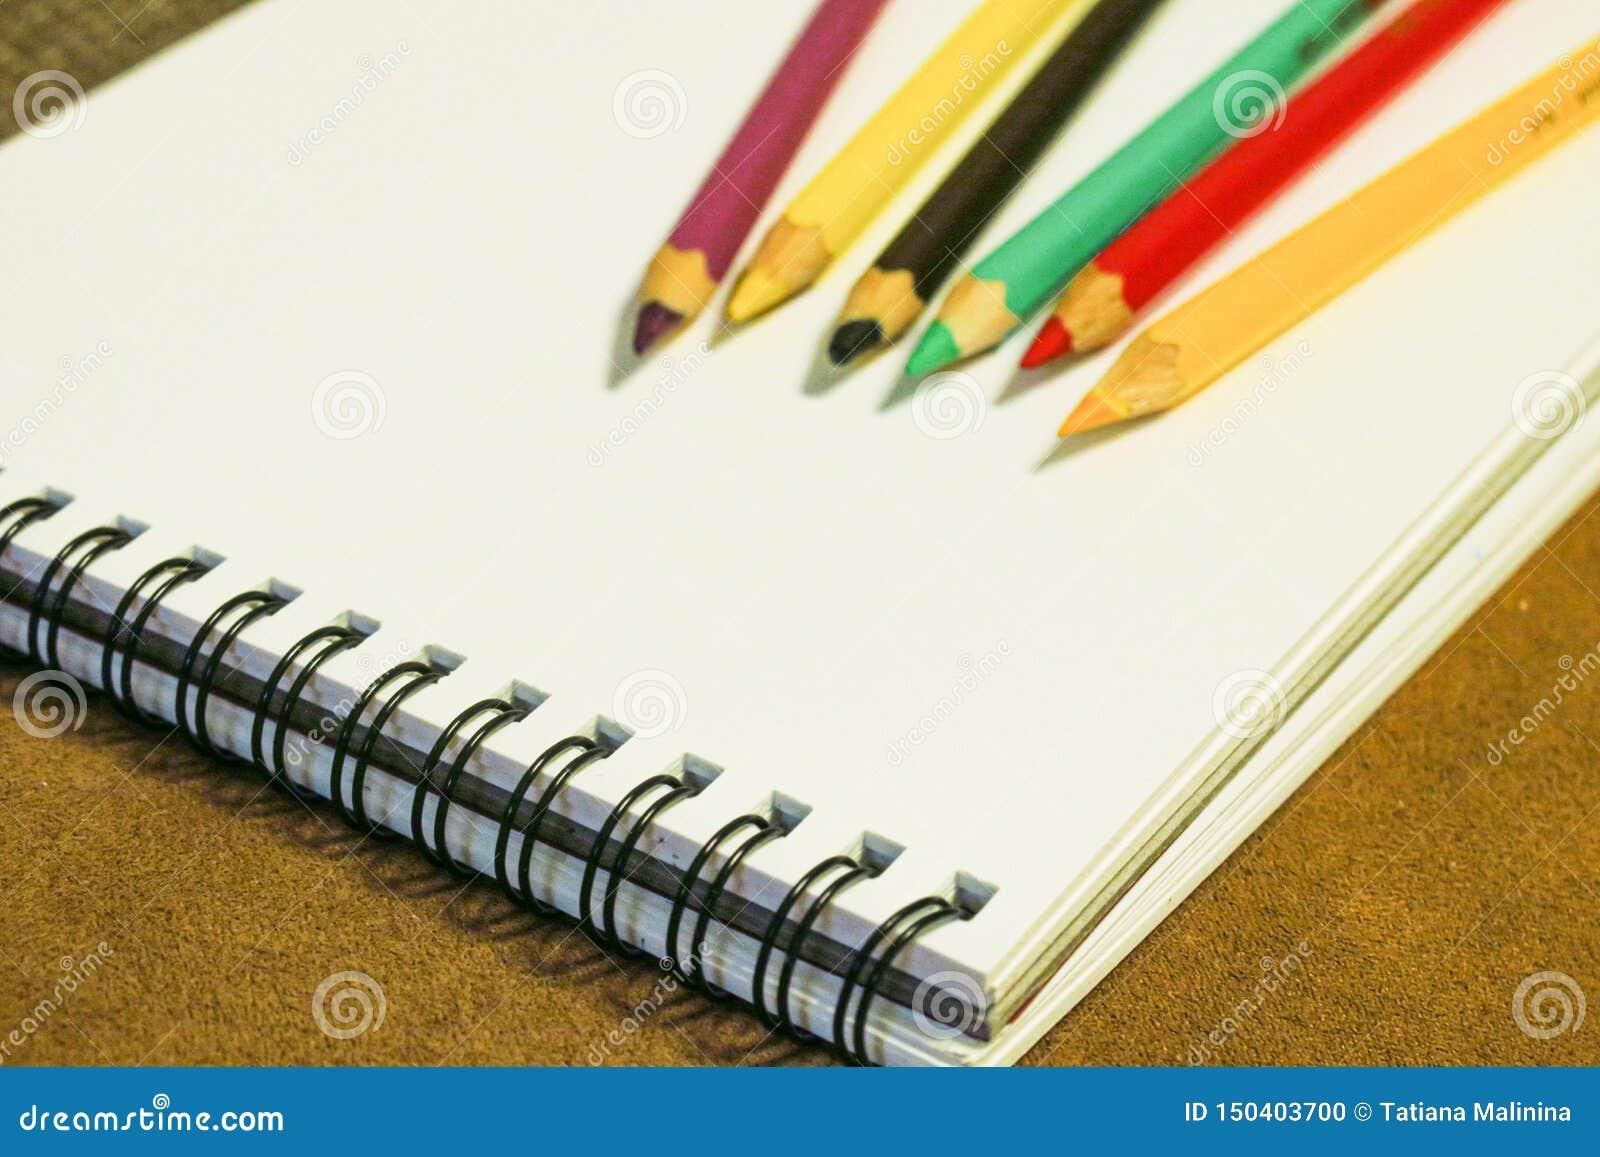 Carnet vide et crayons colorés sur le fond brun, substance de peinture